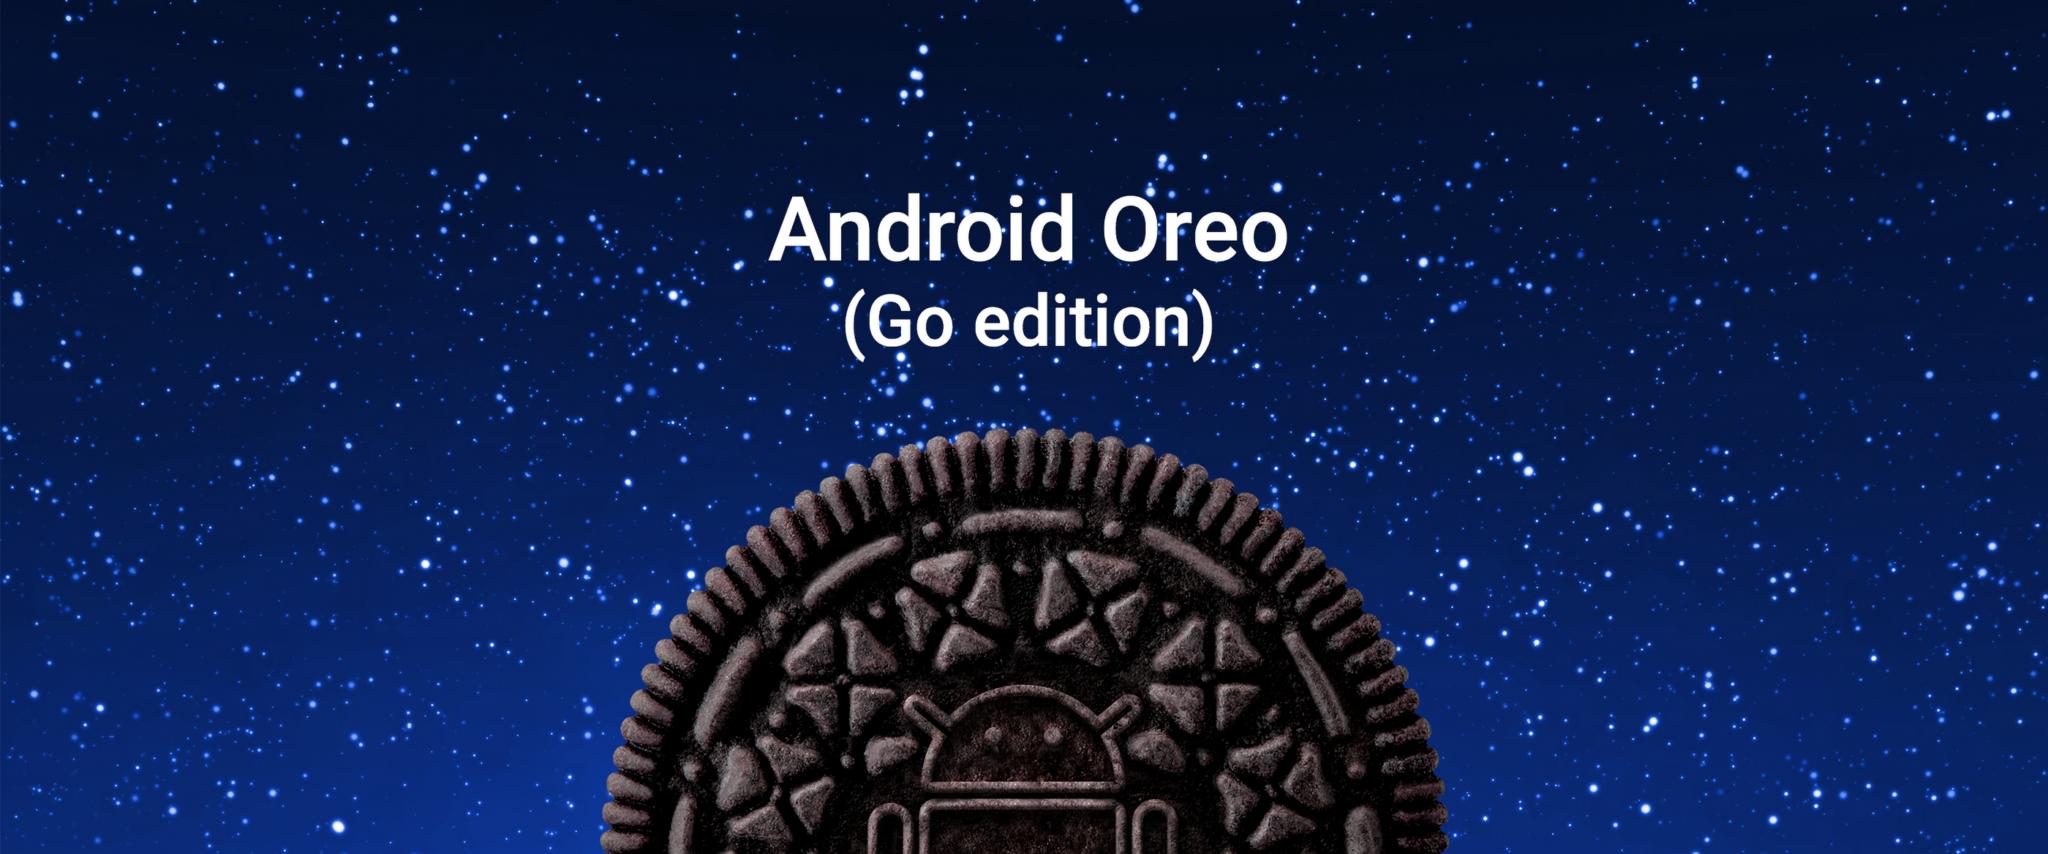 Samsung pravděpodobně chystá první telefon běžící na operačním systému Android GO